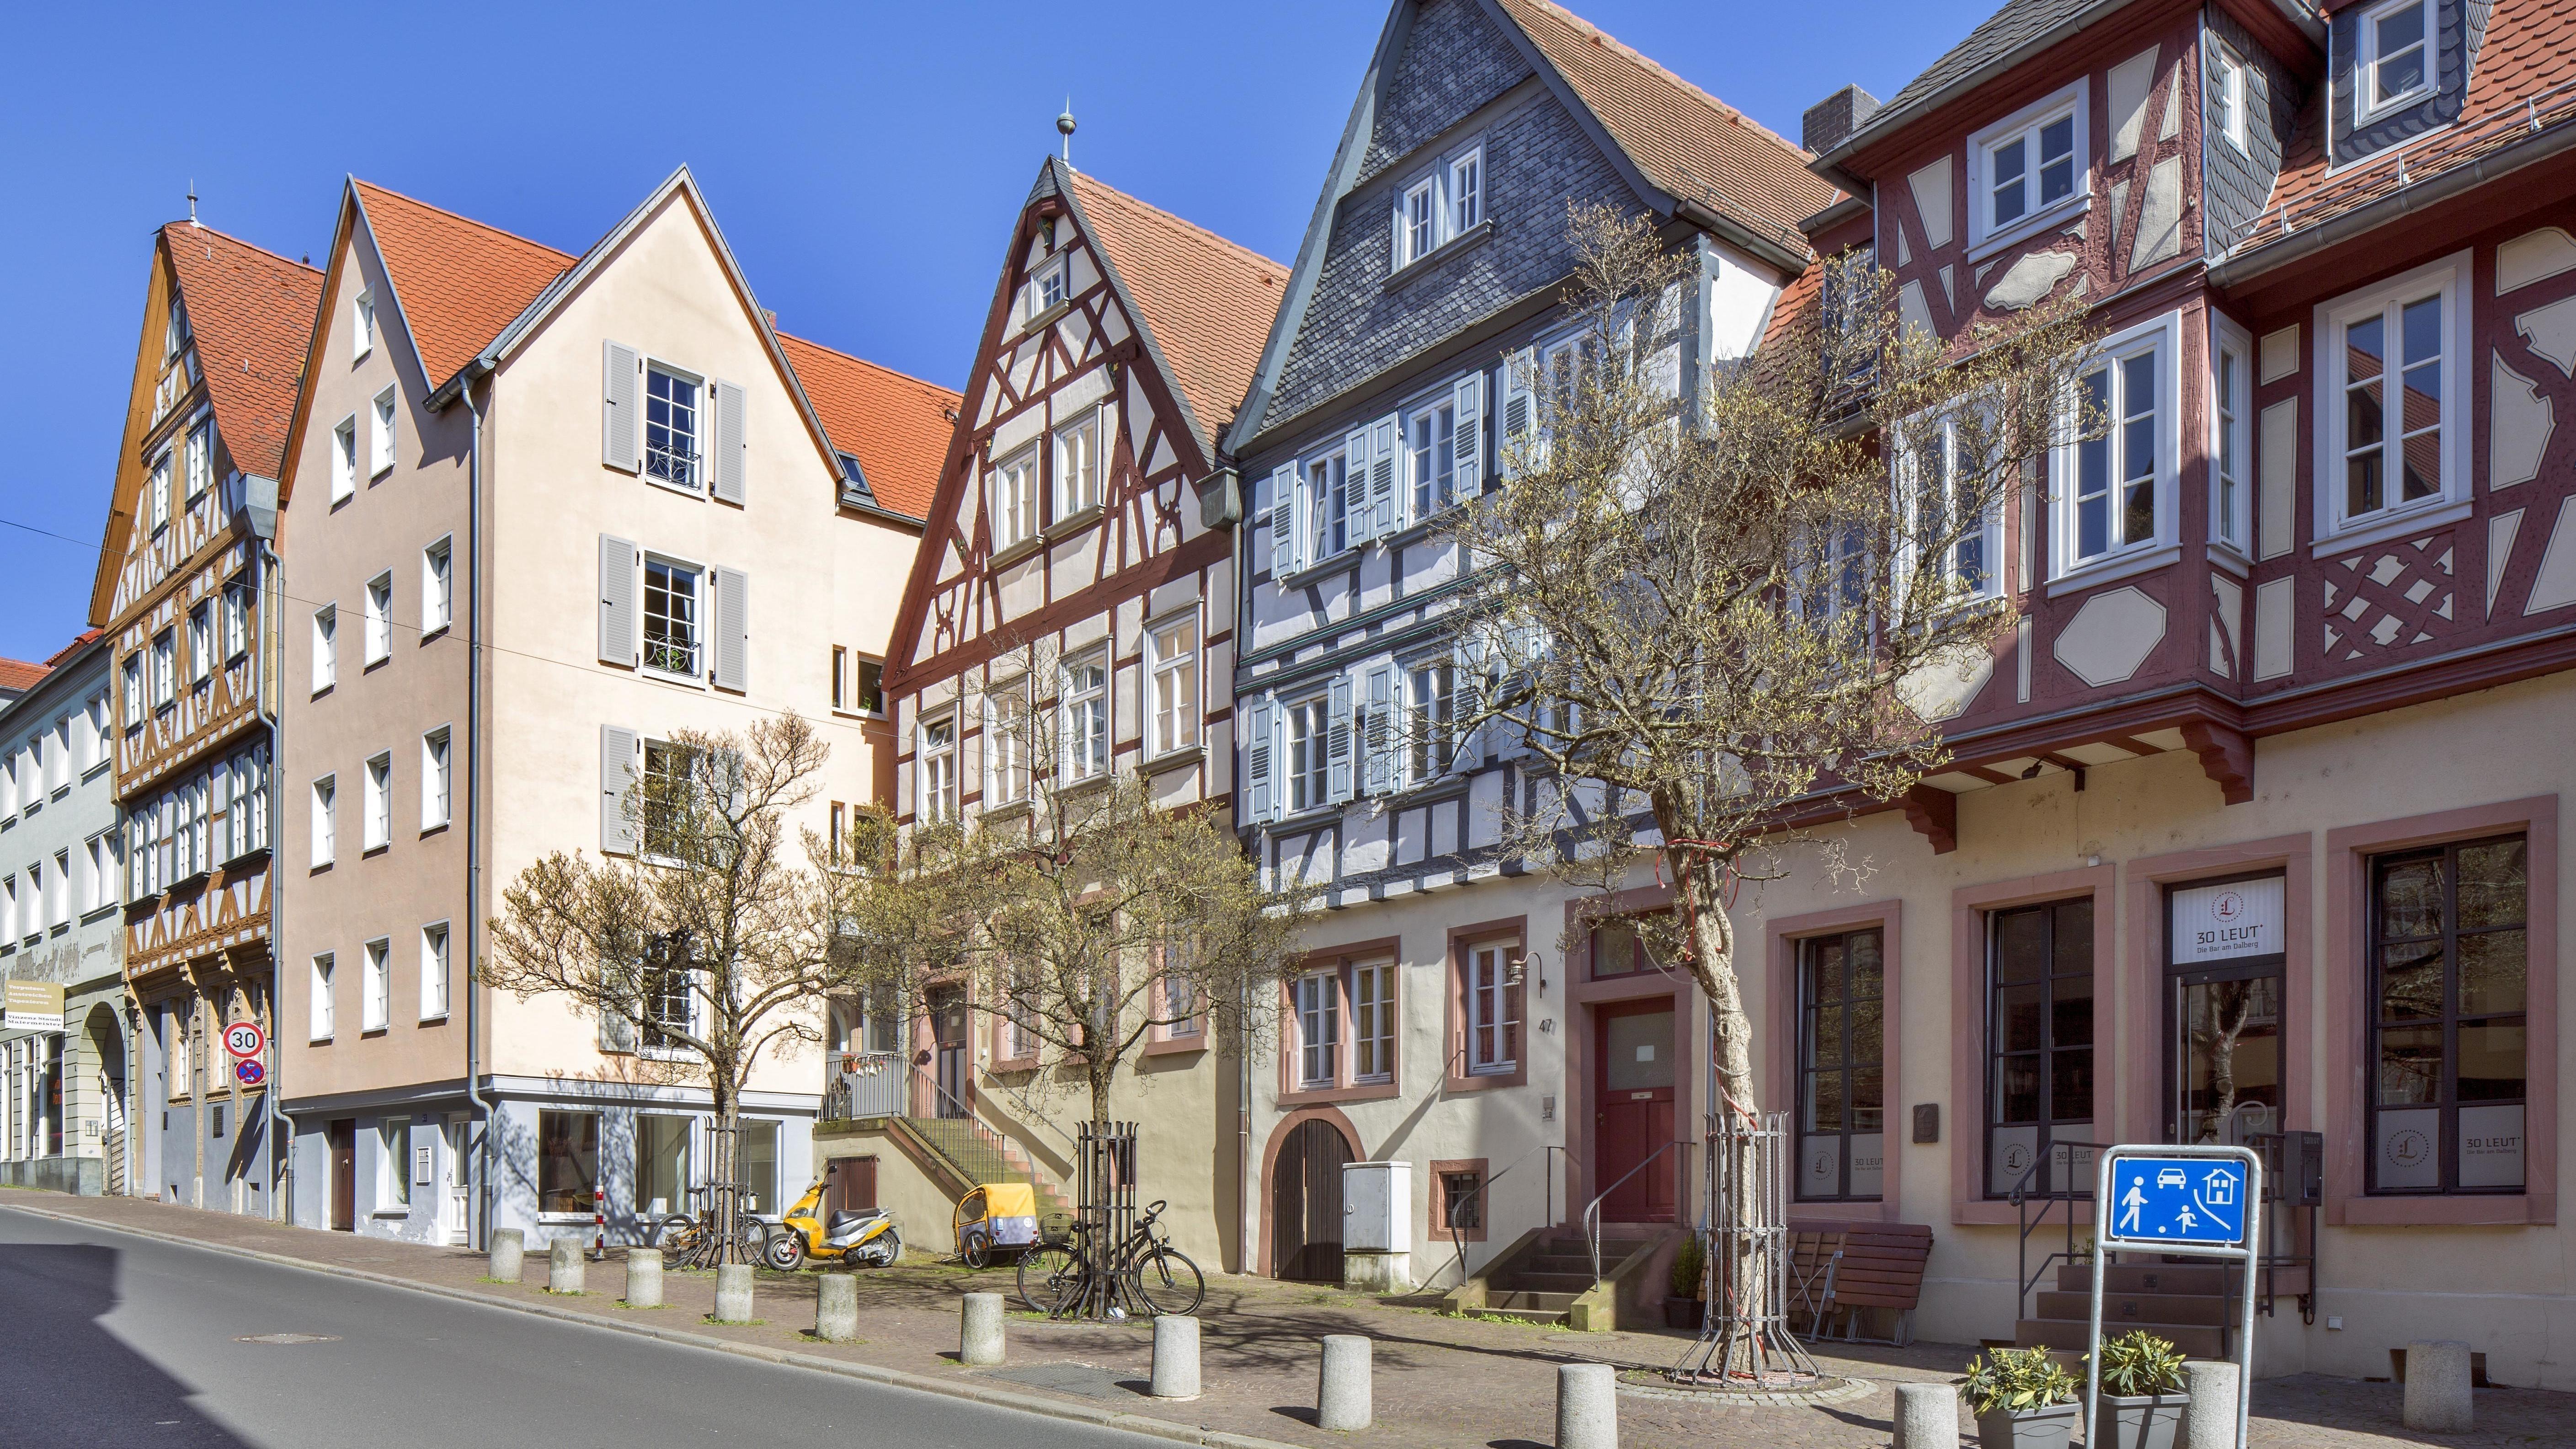 Häuser in Aschaffenburg